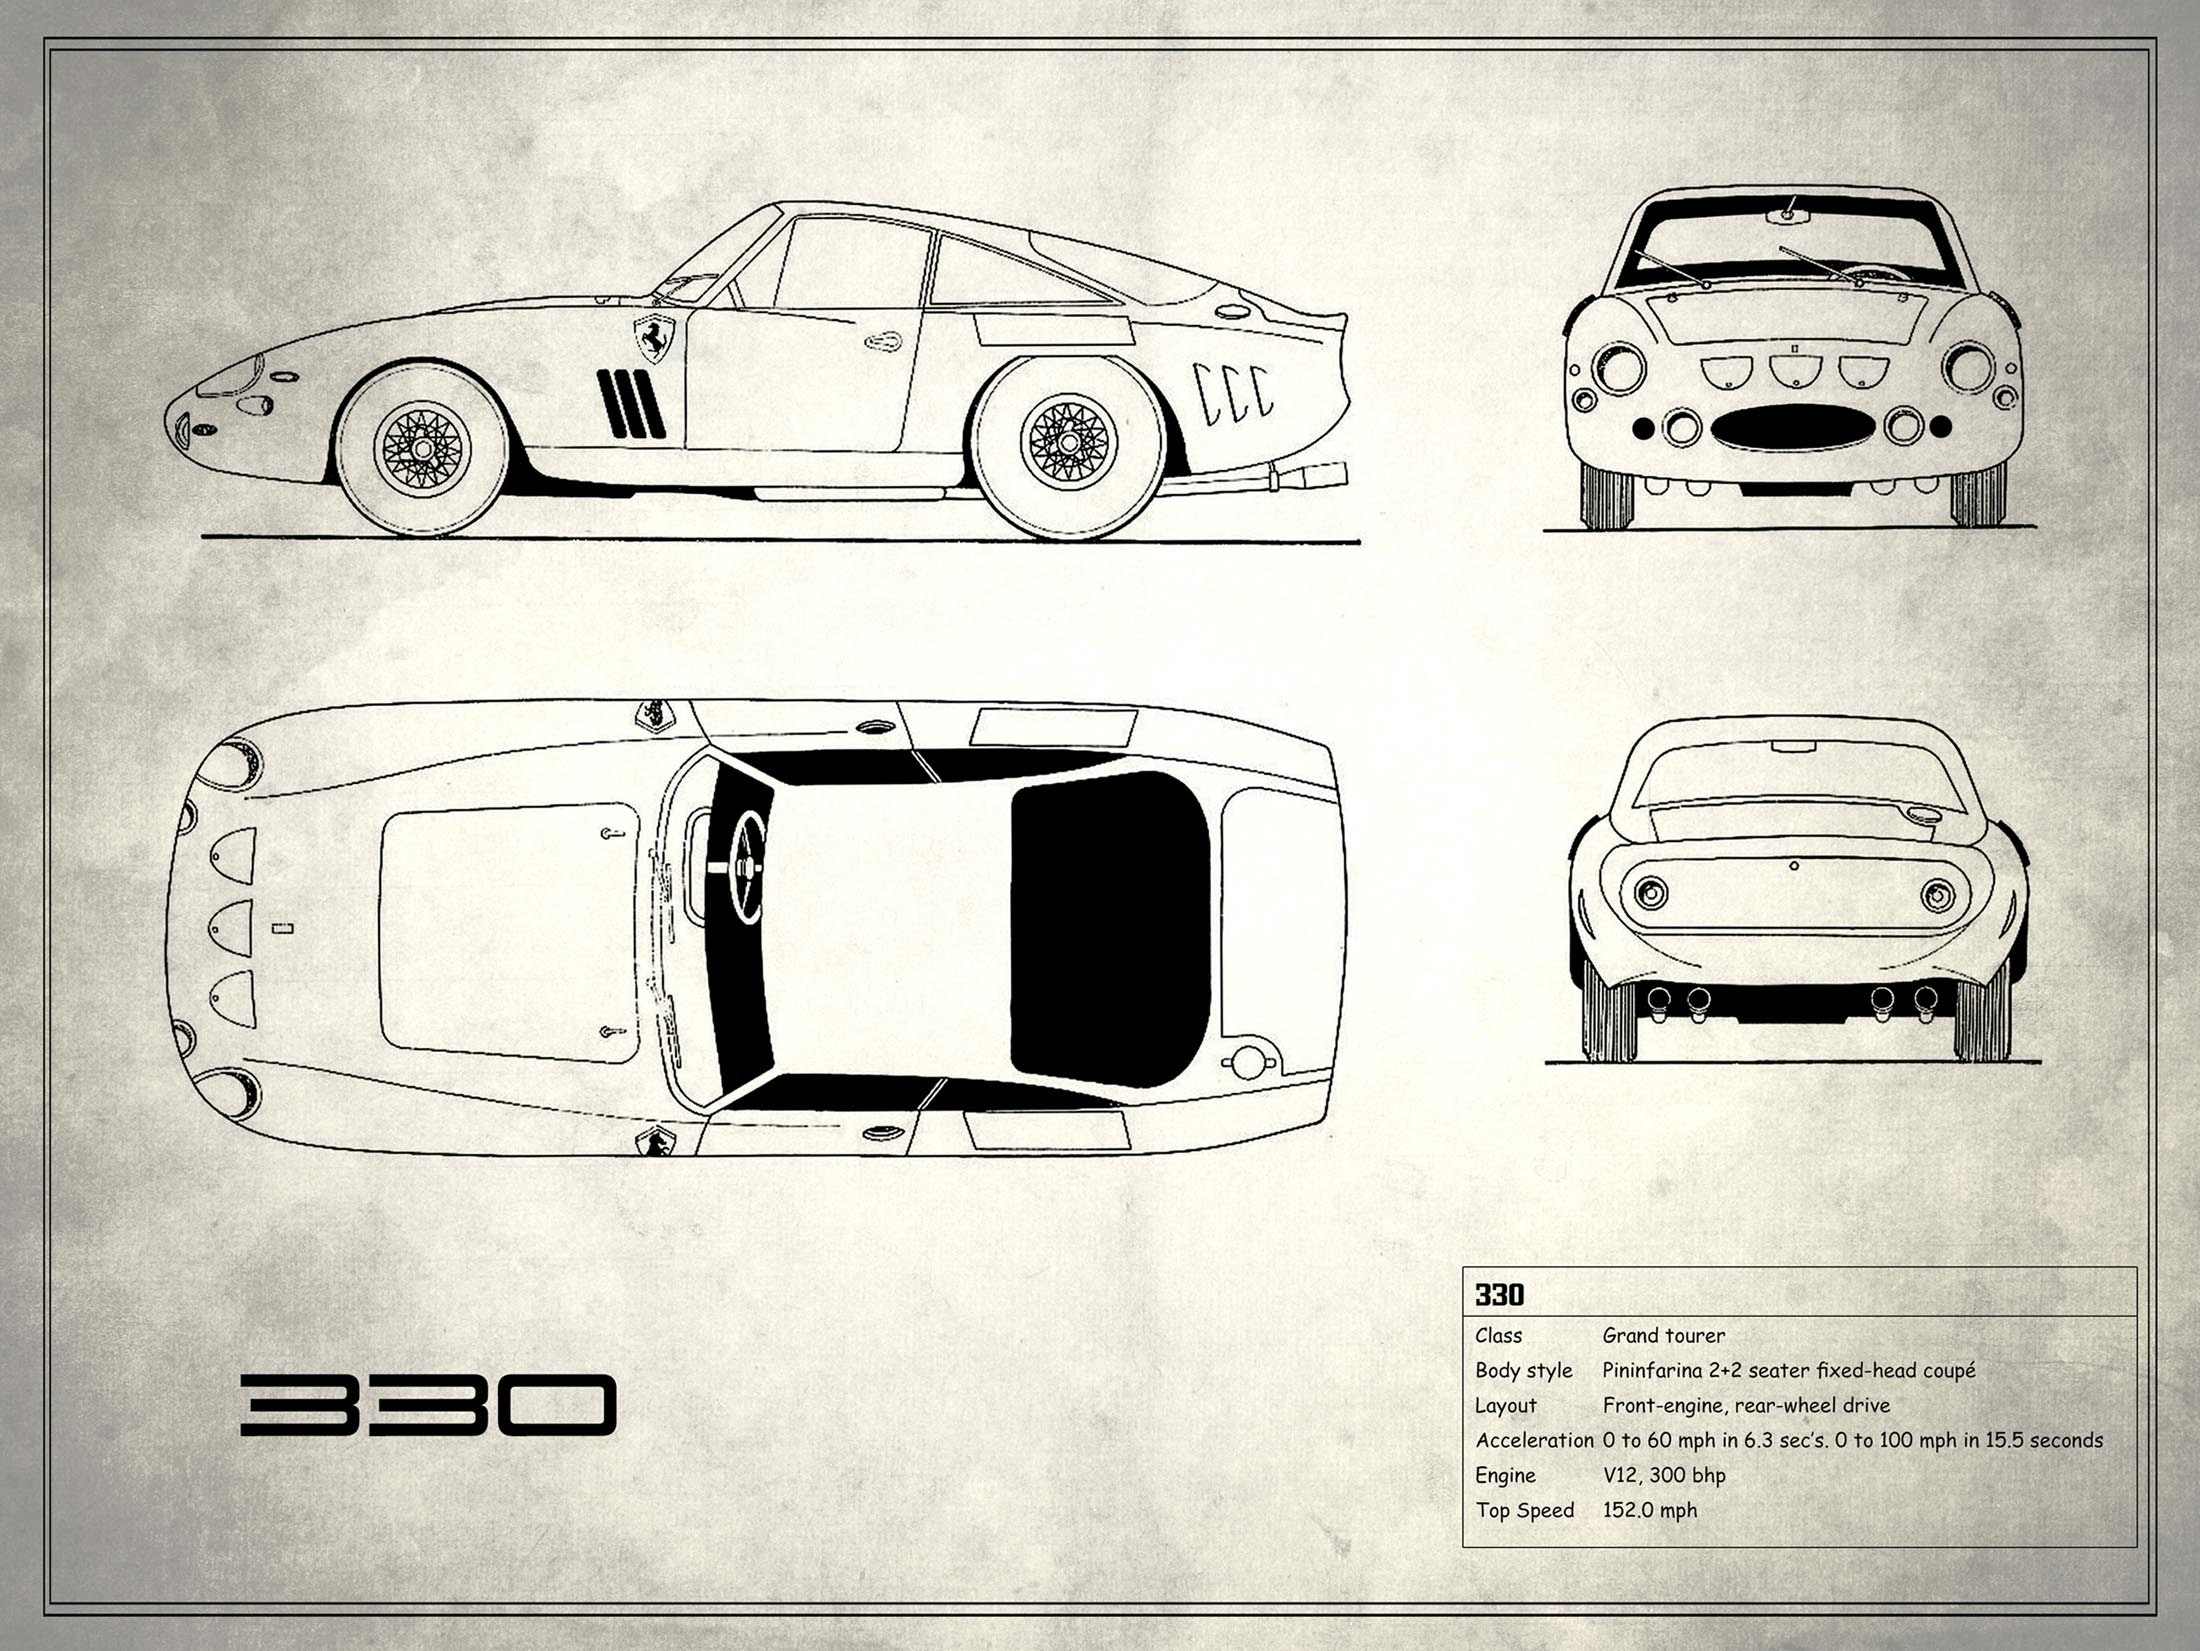 Ferrari 330 - White